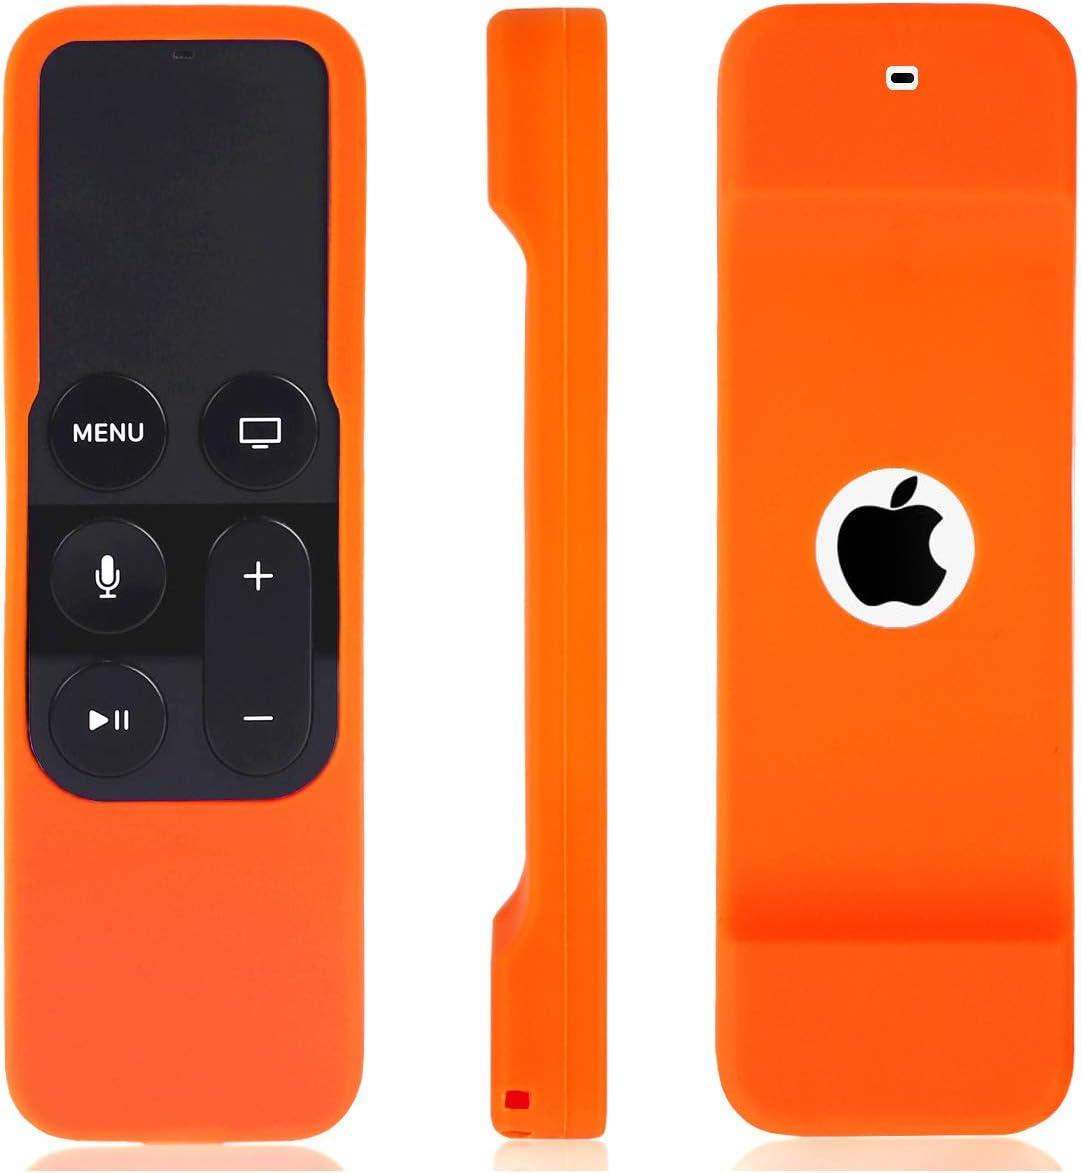 Remote Case for Apple TV 4K / 4th Gen Remote Controller, Anti Slip Shock Proof Silicone Remote Cover Case for Apple TV 4K / 4th Gen Siri Remote(Orange)